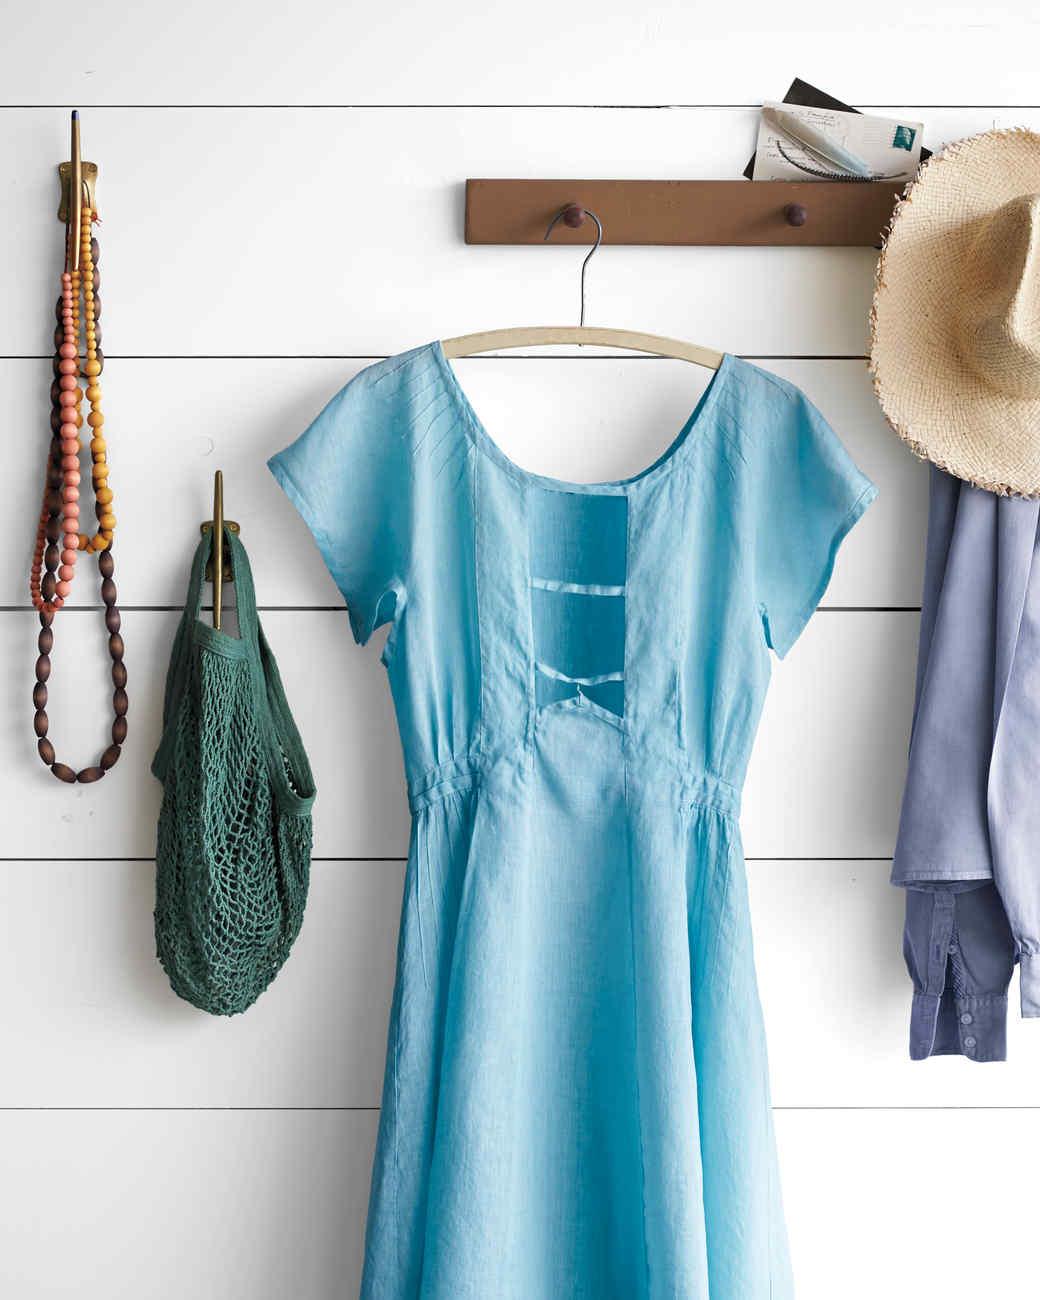 coat-rack-1-d111888.jpg